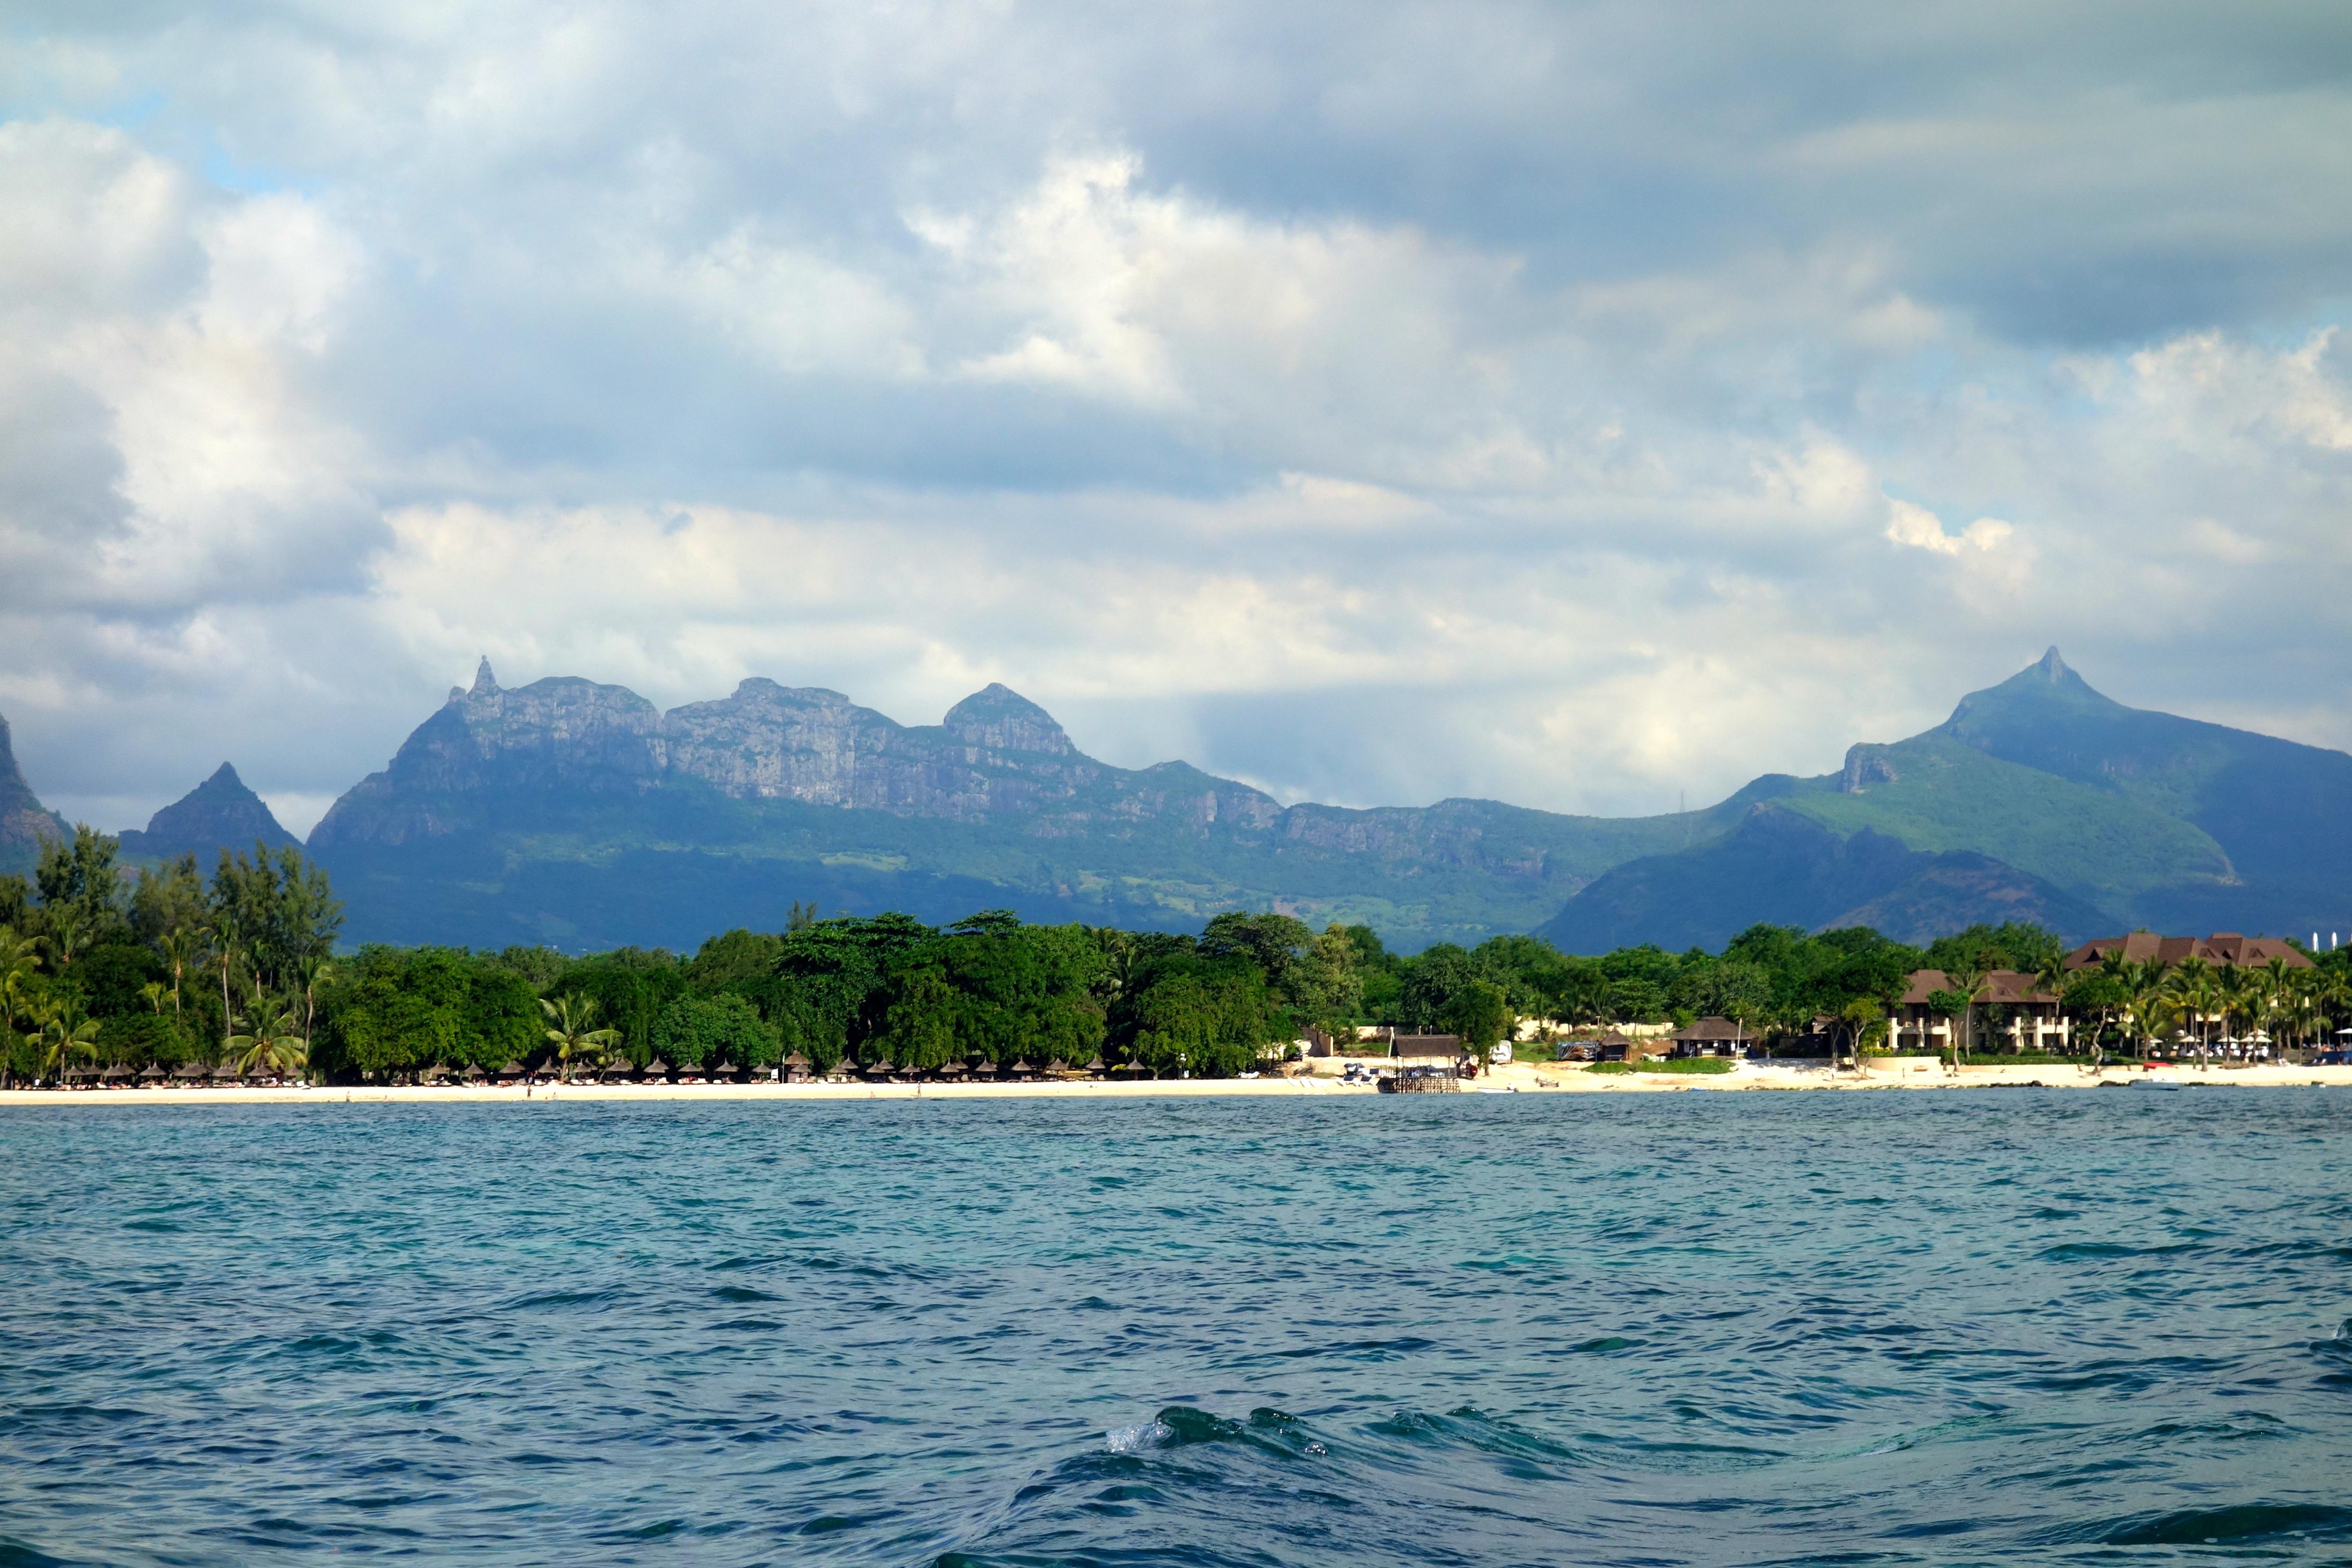 Blick auf die Berge vom Schnorchelboot des Hotels